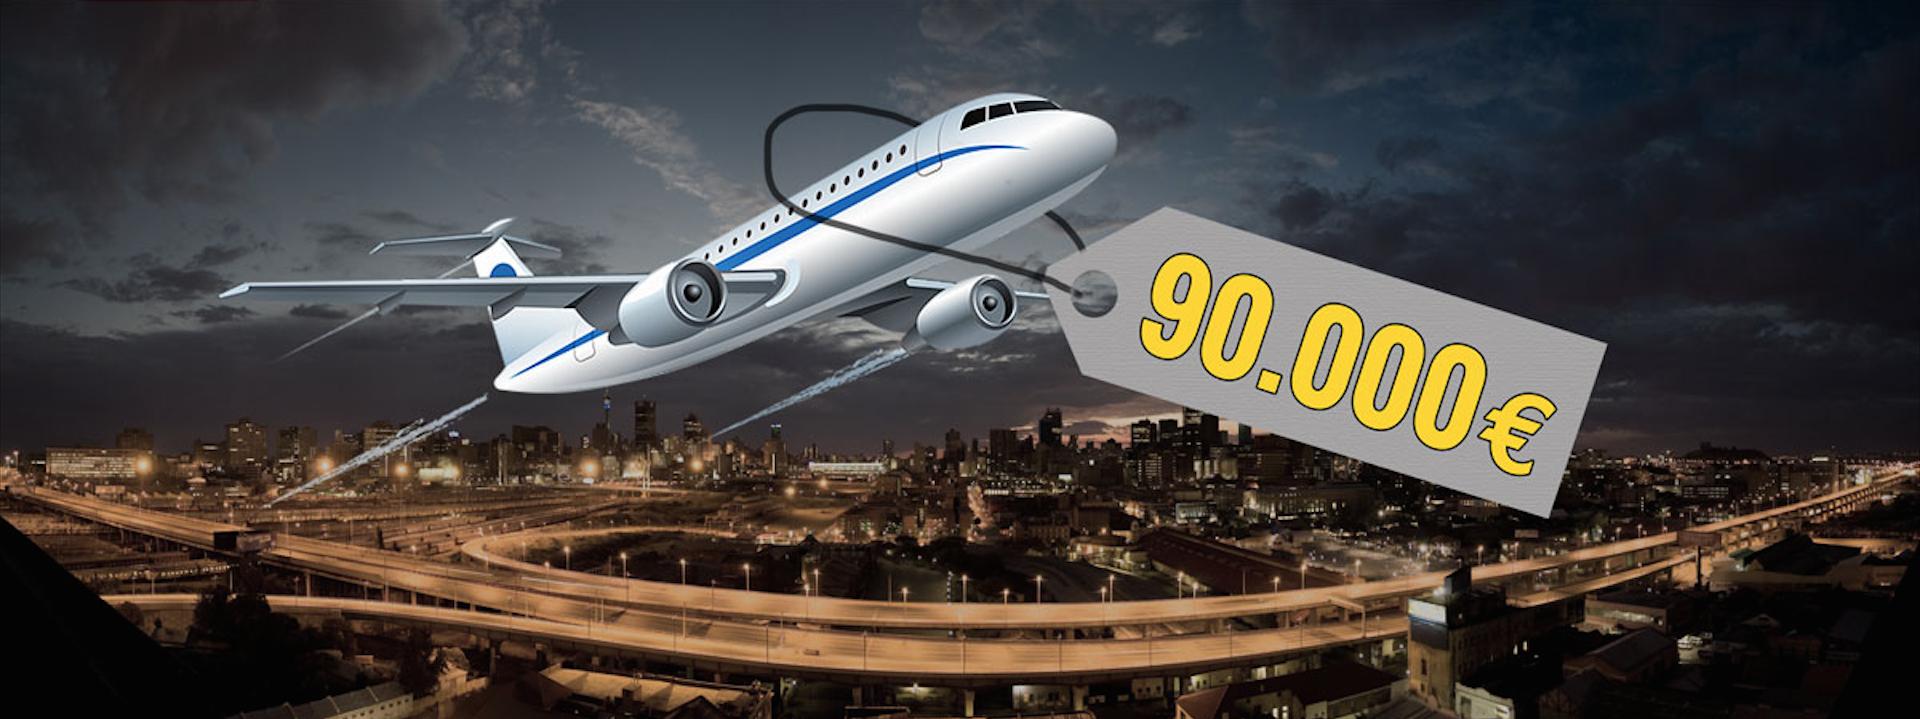 Oltre 90 mila euro per una missione a Johannesburg, ma solo 4 imprese rispondono